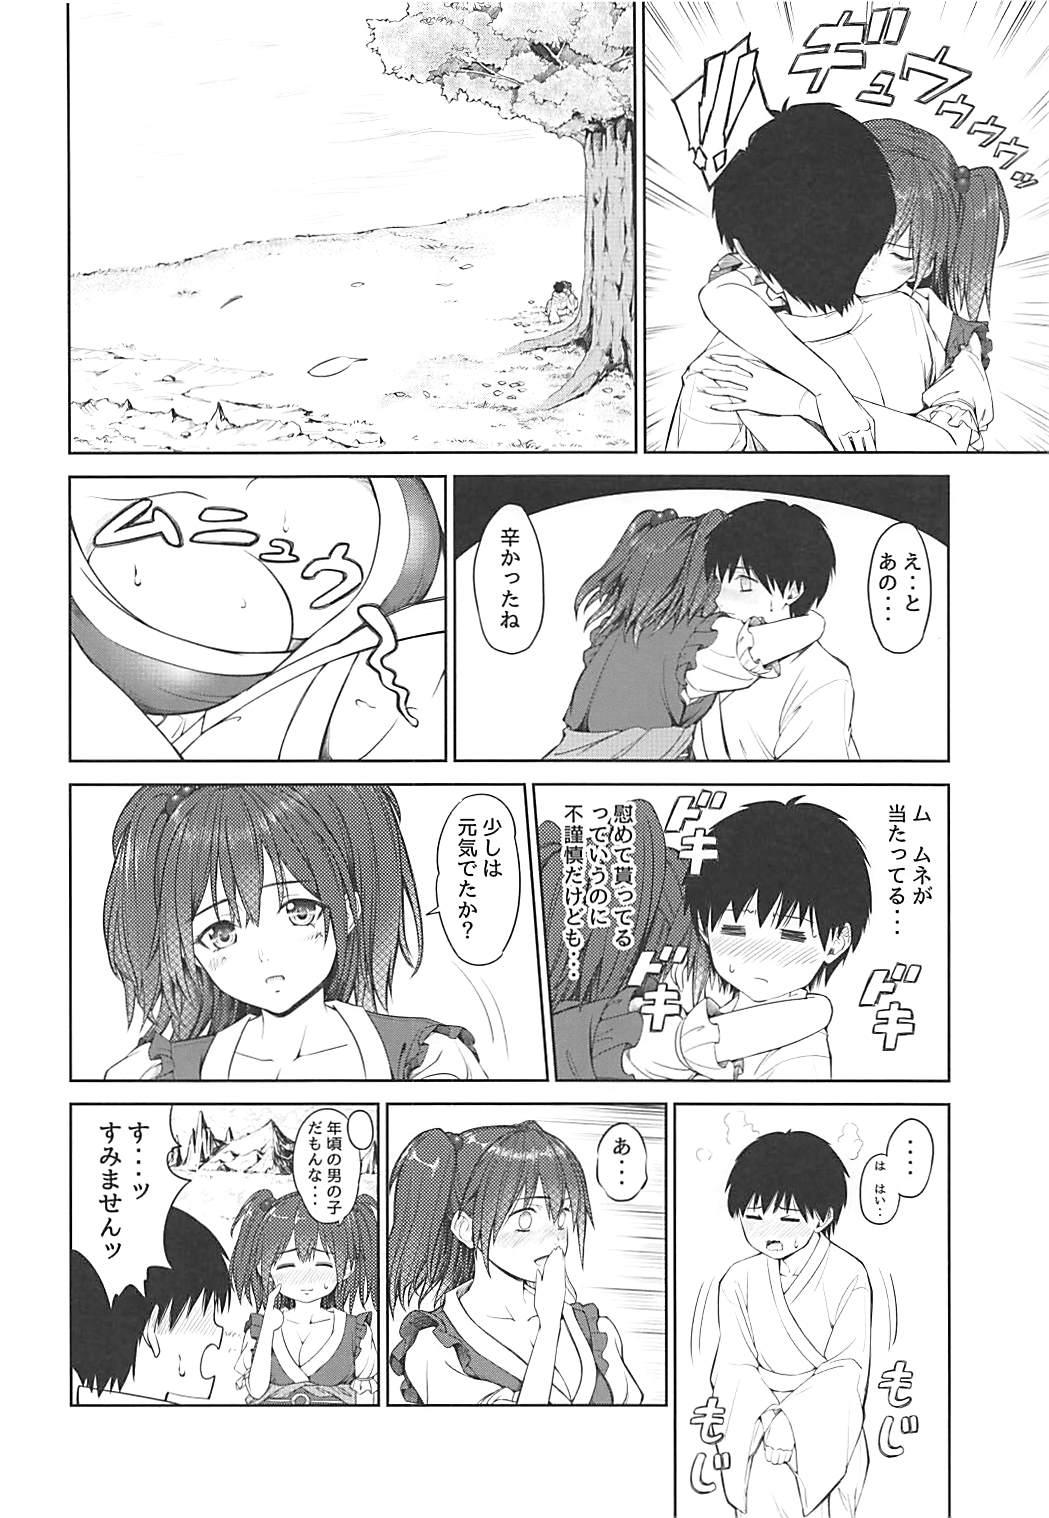 Komachi-san no Yawaraka Oppai 4